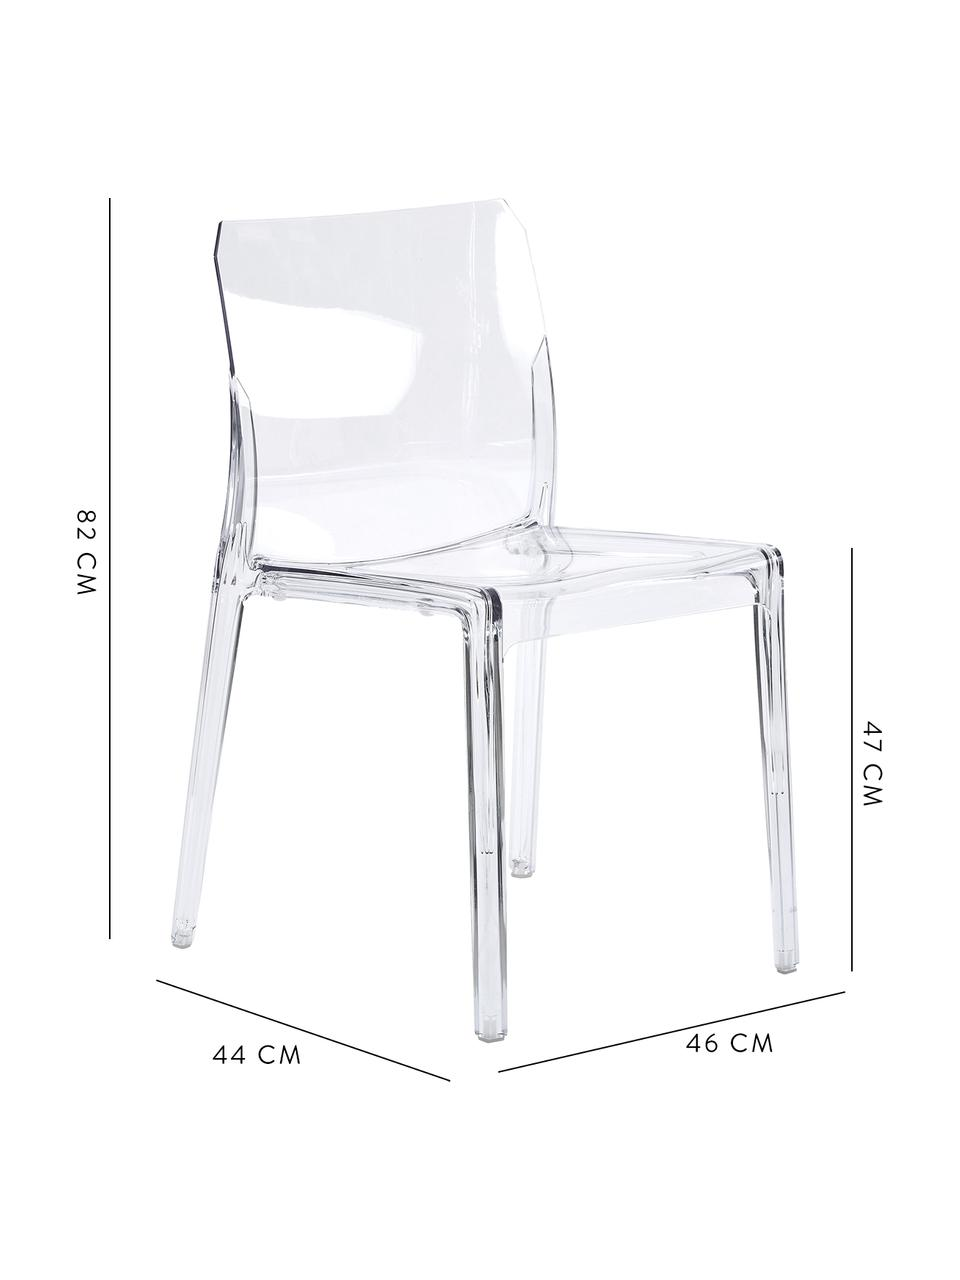 Transparenter Gartenstuhl aus Kunststoff, Kunststoff (Polycarbonat), Transparent, B 46 x T 44 cm